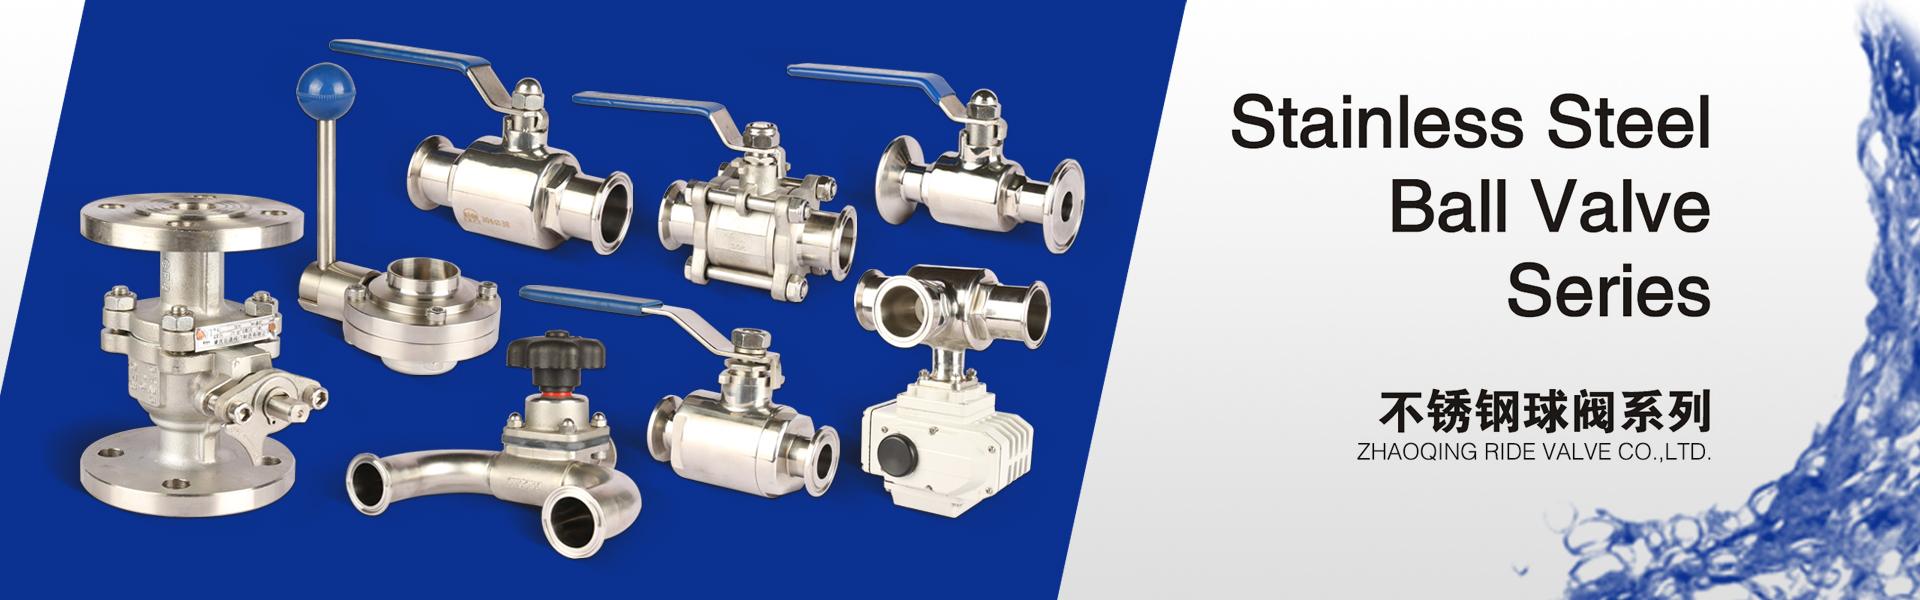 肇慶日德閥門制造有限公司提供不銹鋼空氣隔斷,衛生級管件,隔膜閥,流體管等產品!